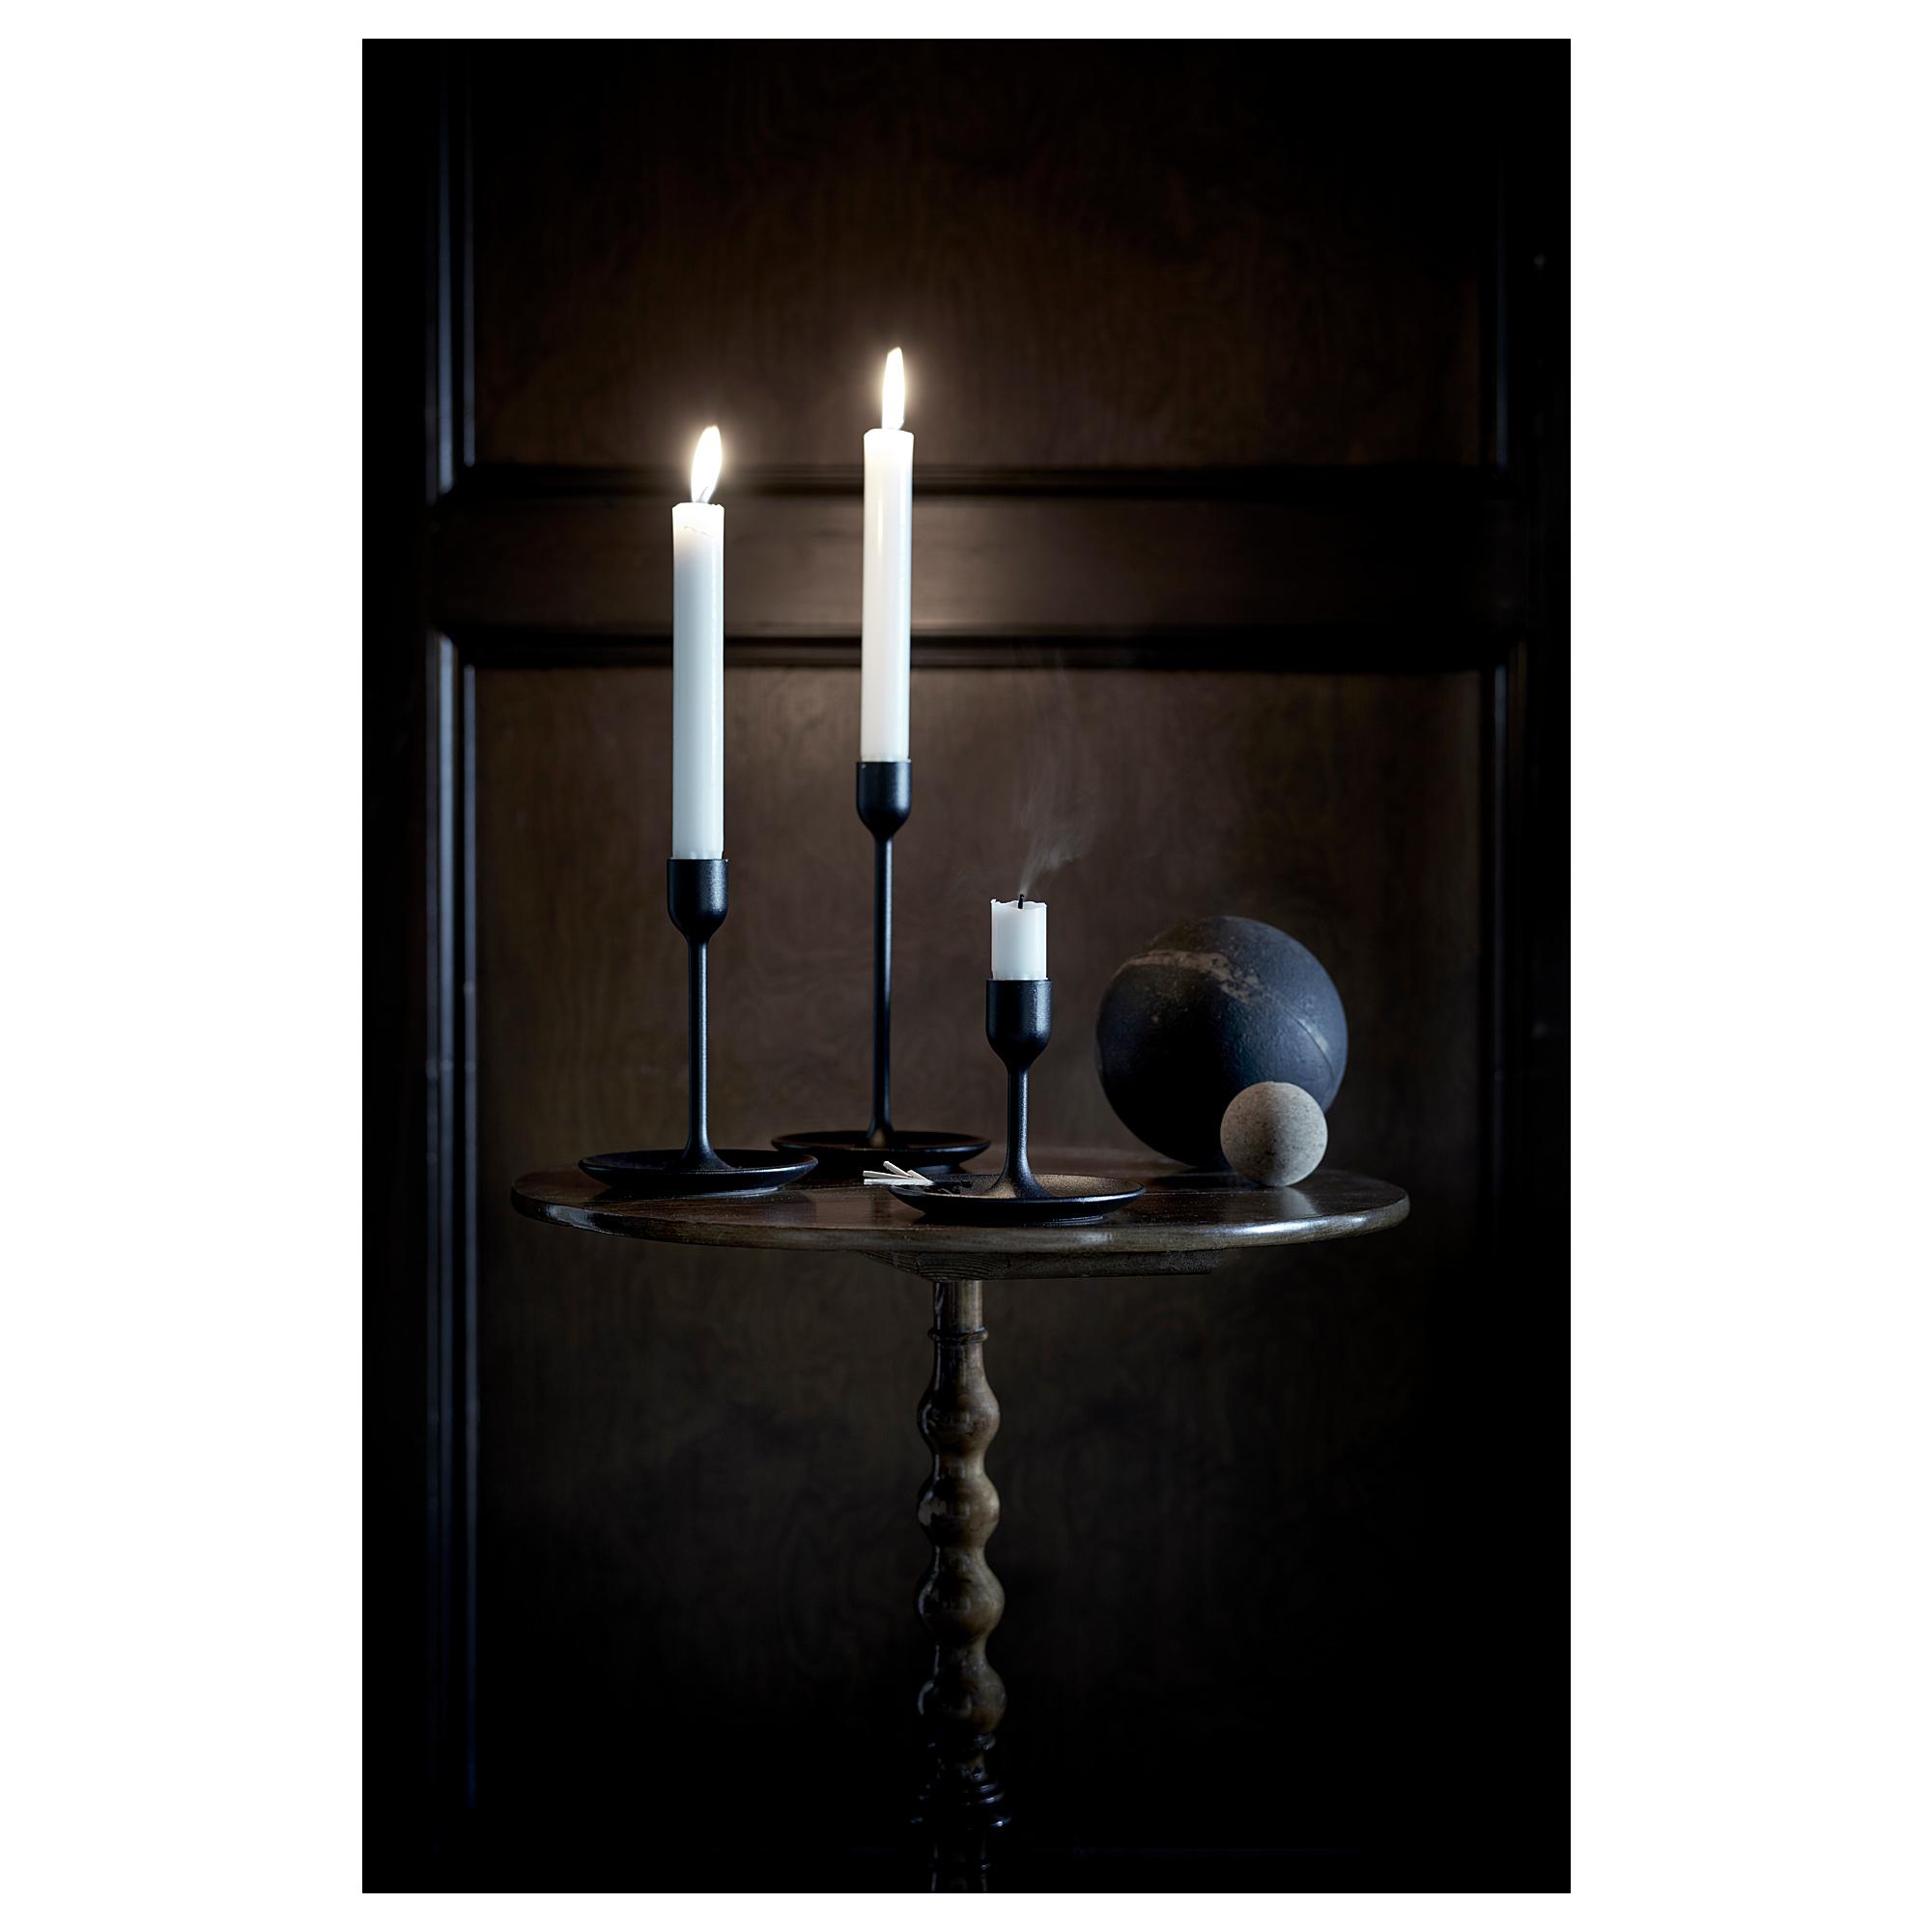 Žvakidės analizė: pagrindai, strategija - Prekyba - Žvakidės strategija